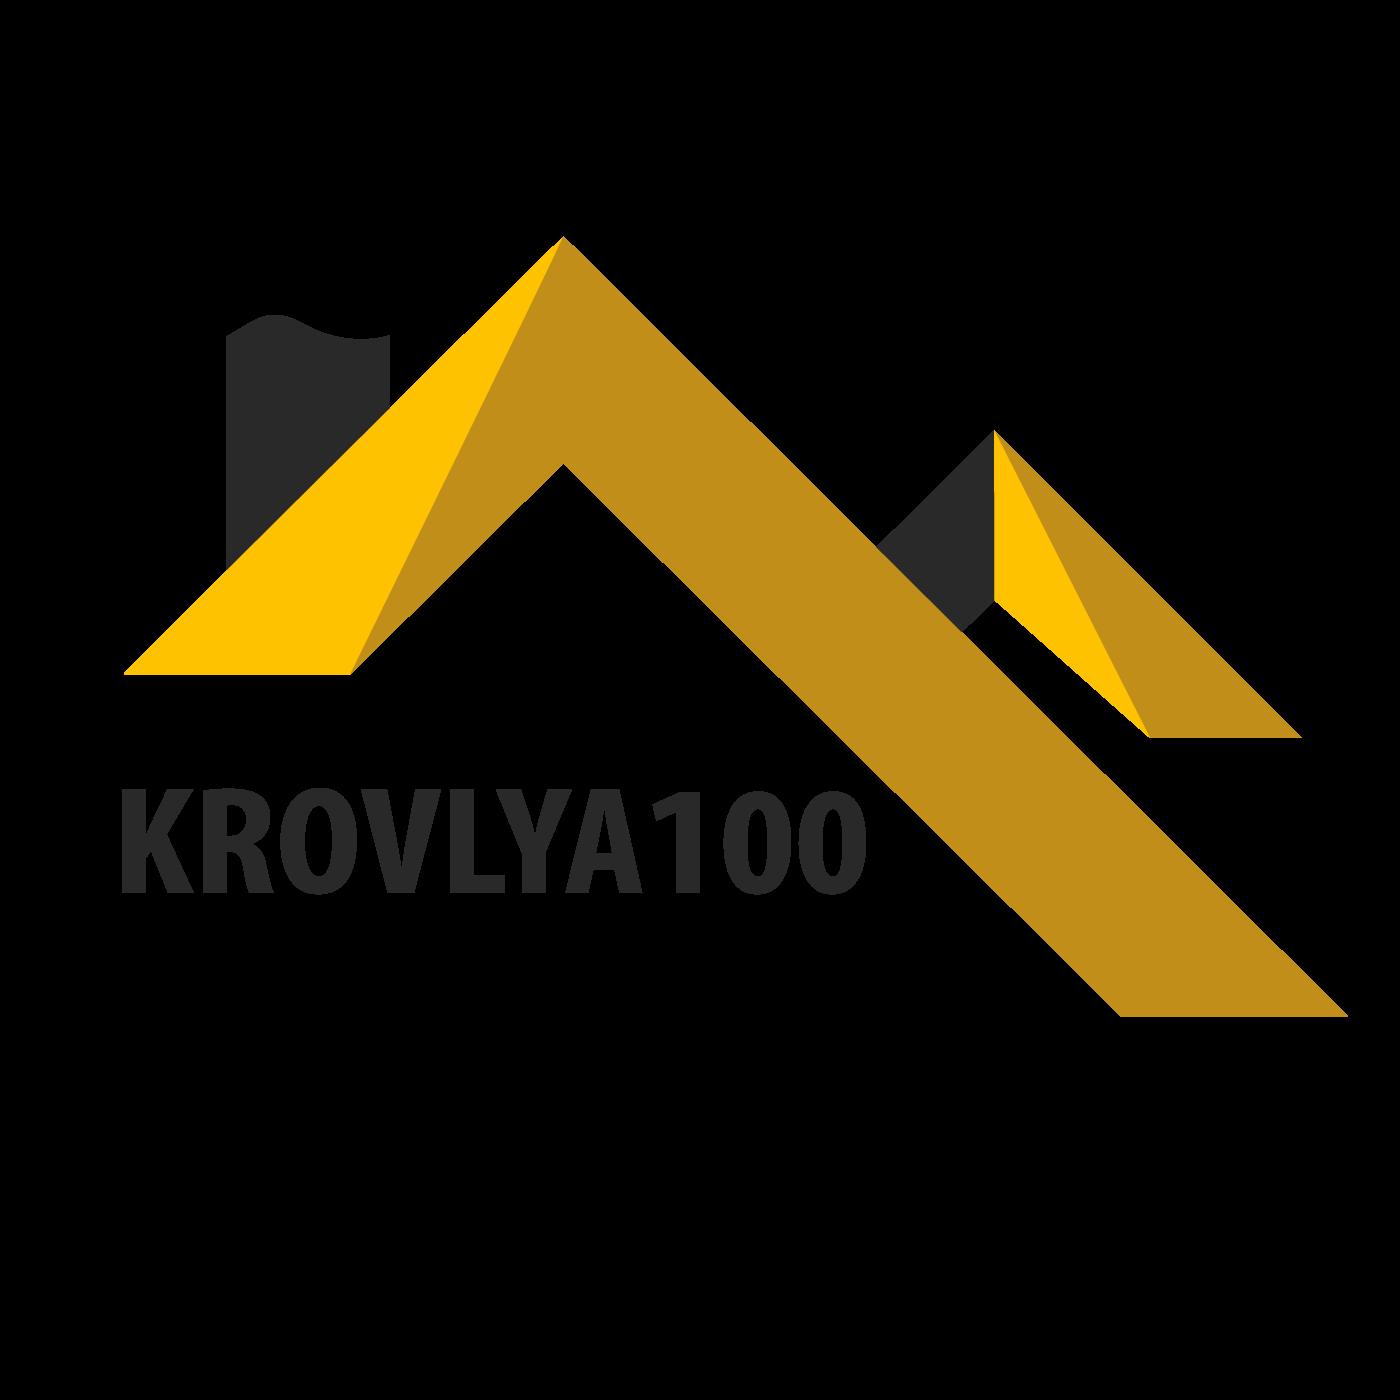 krovlya100.dp.ua